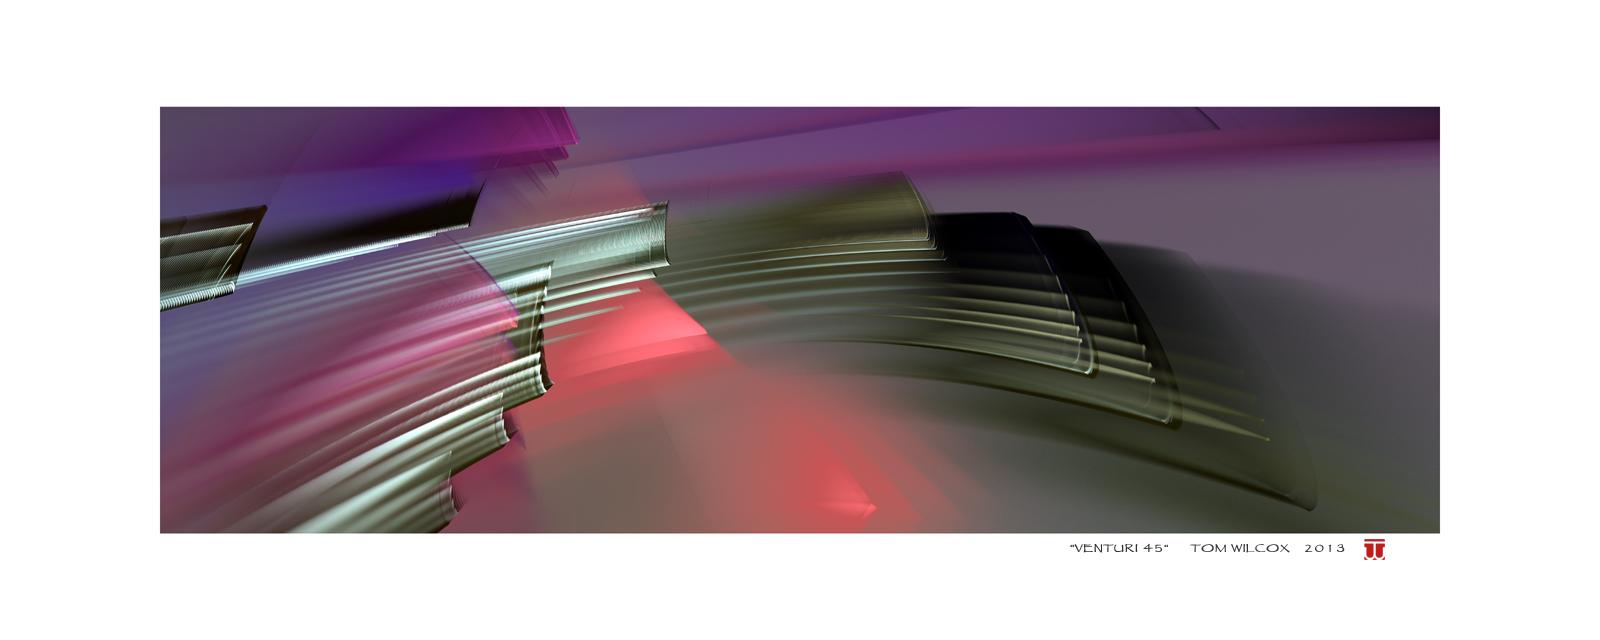 Venturi 45 by TomWilcox